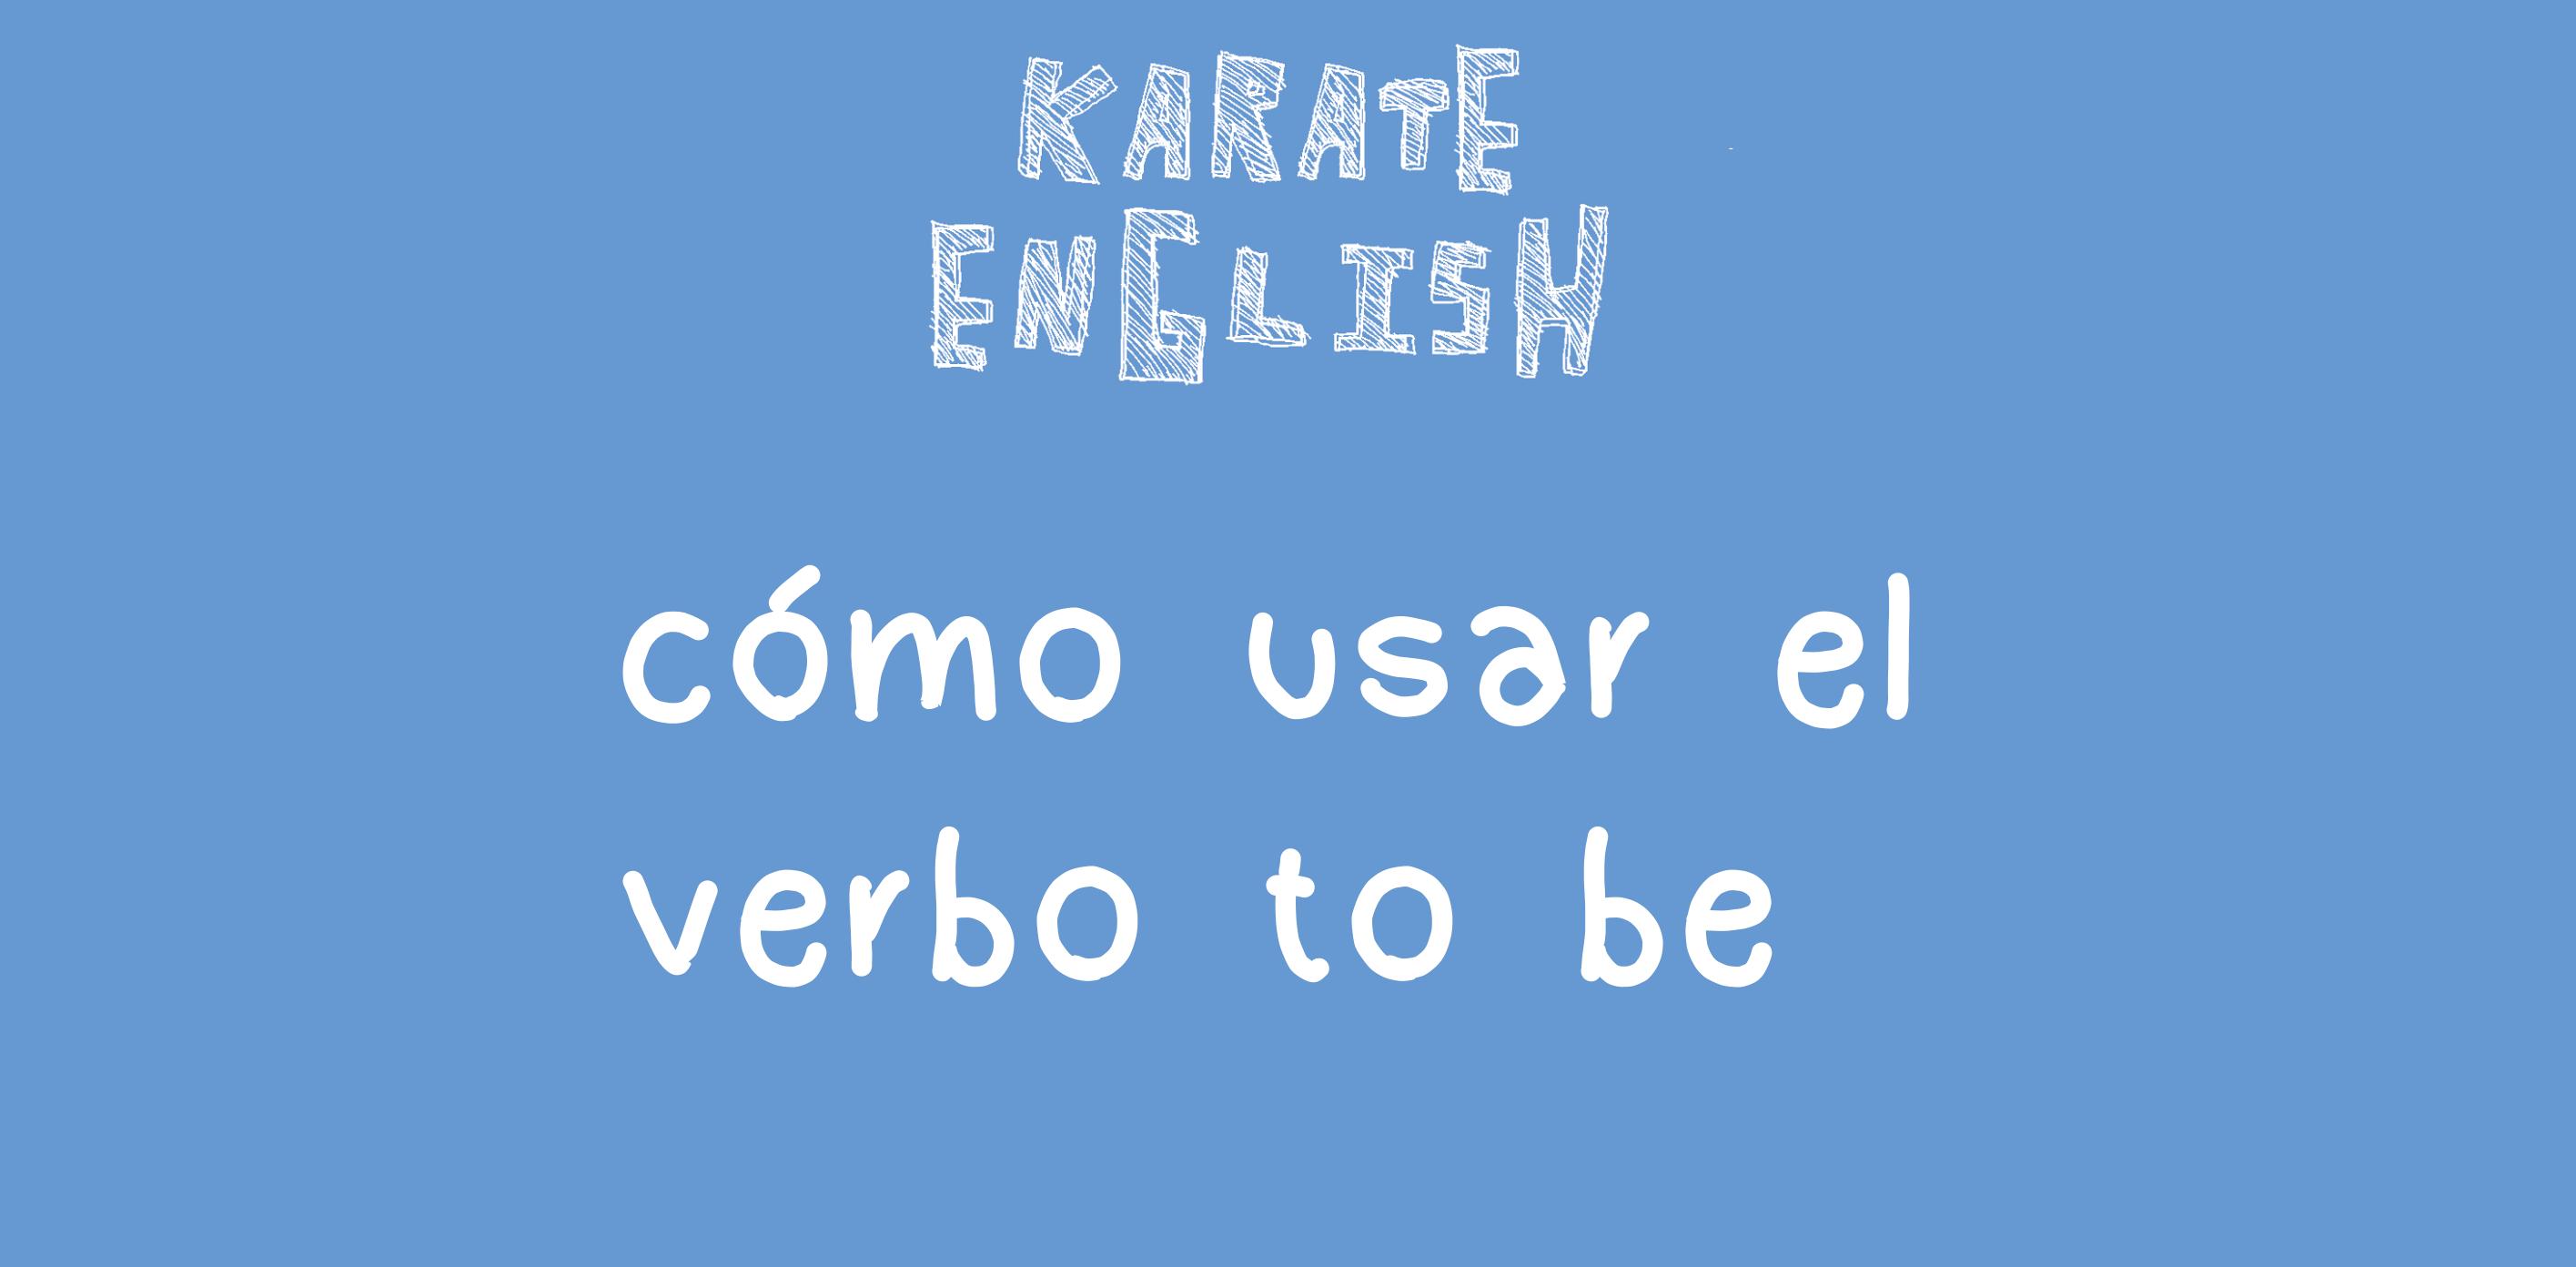 Cómo usar el verbo to be en inglés